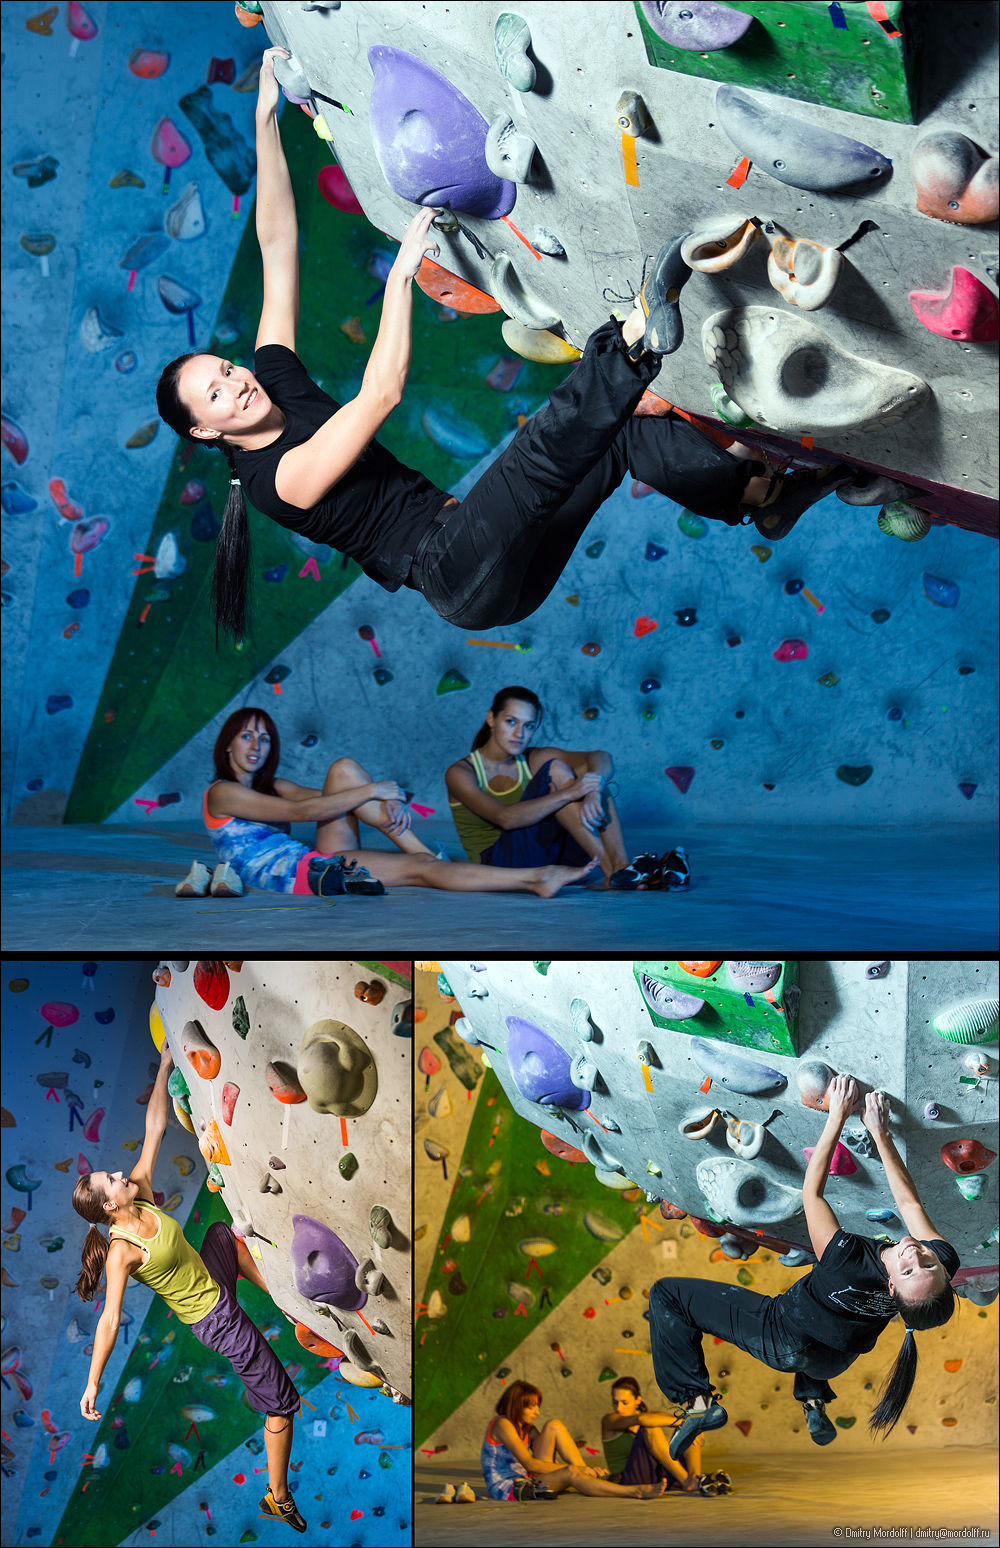 07_rock_climber_01